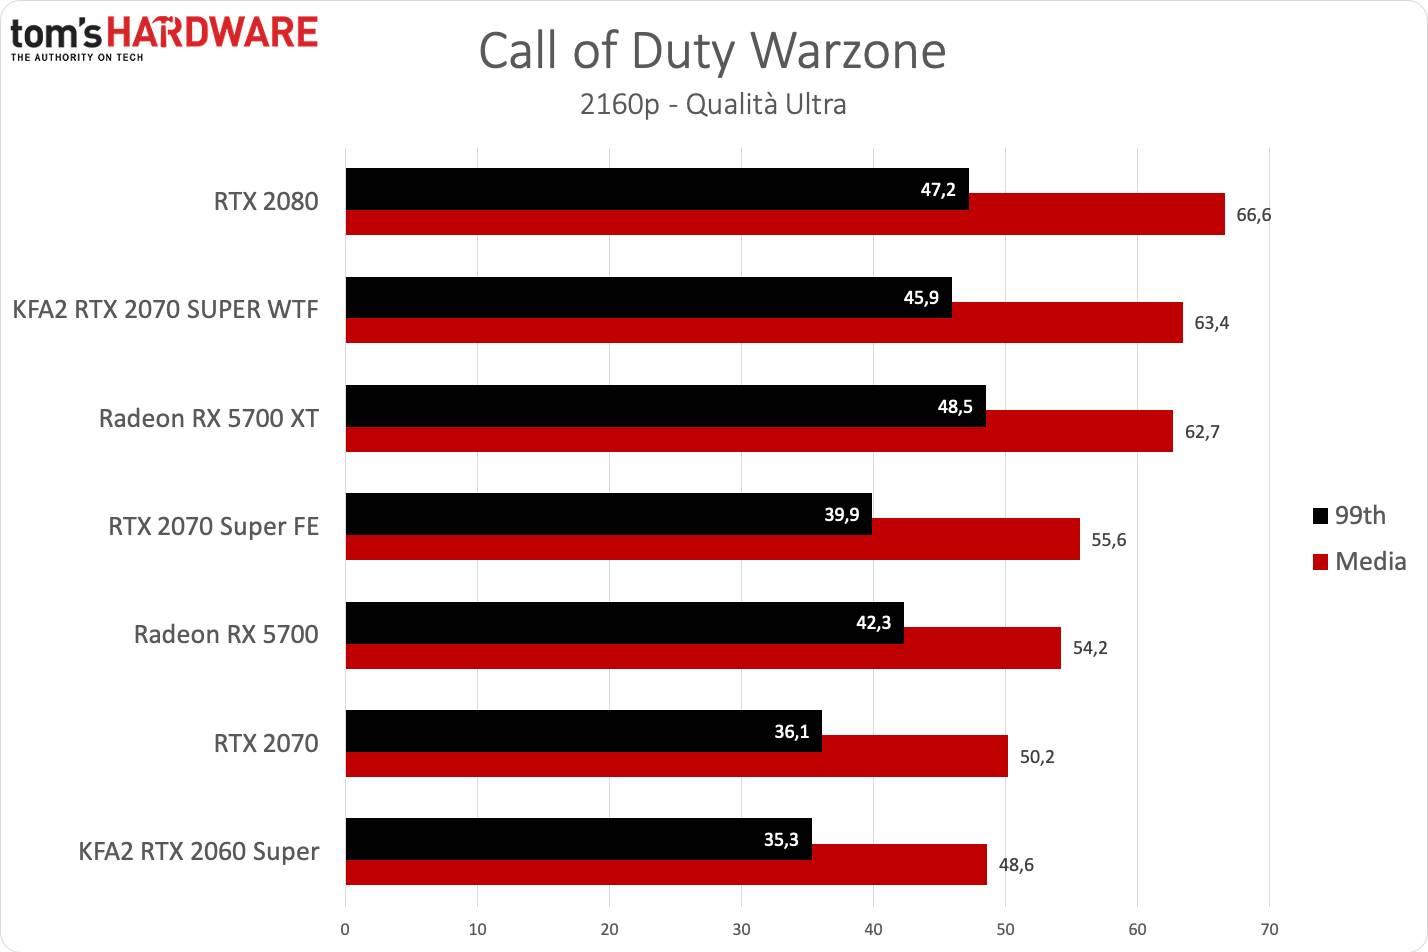 KFA2 RTX 2070 SUPER WTF - Warzone UHD